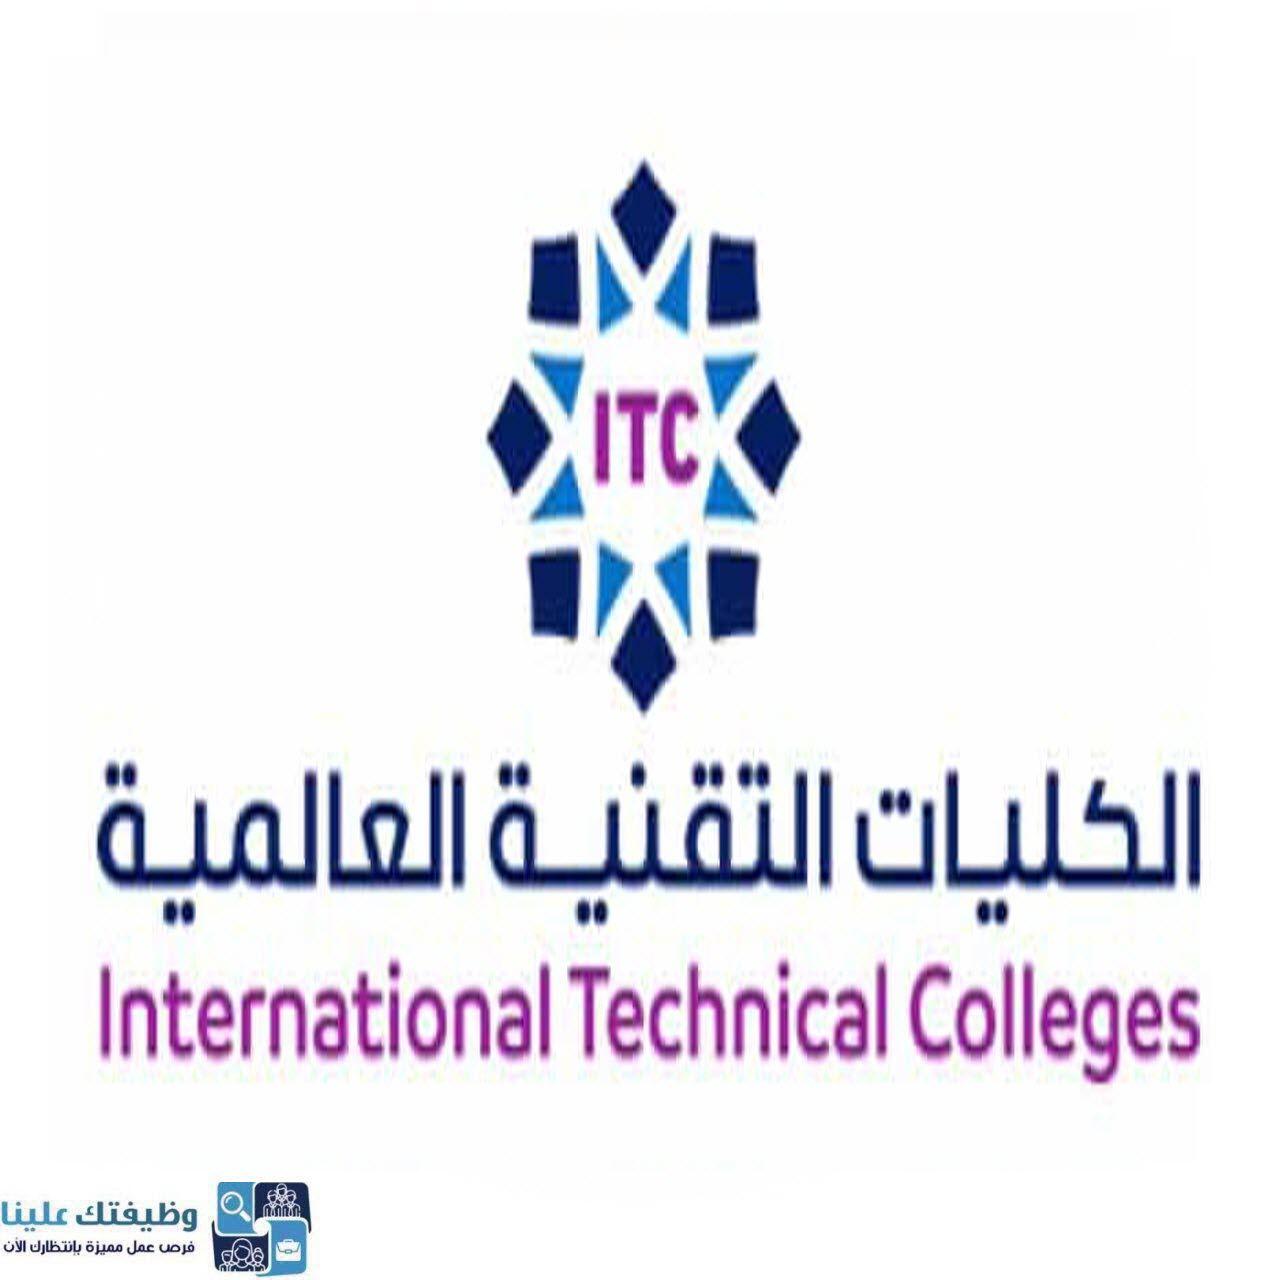 مواعيد الجامعة وظيفتك علينا University Arabic Calligraphy